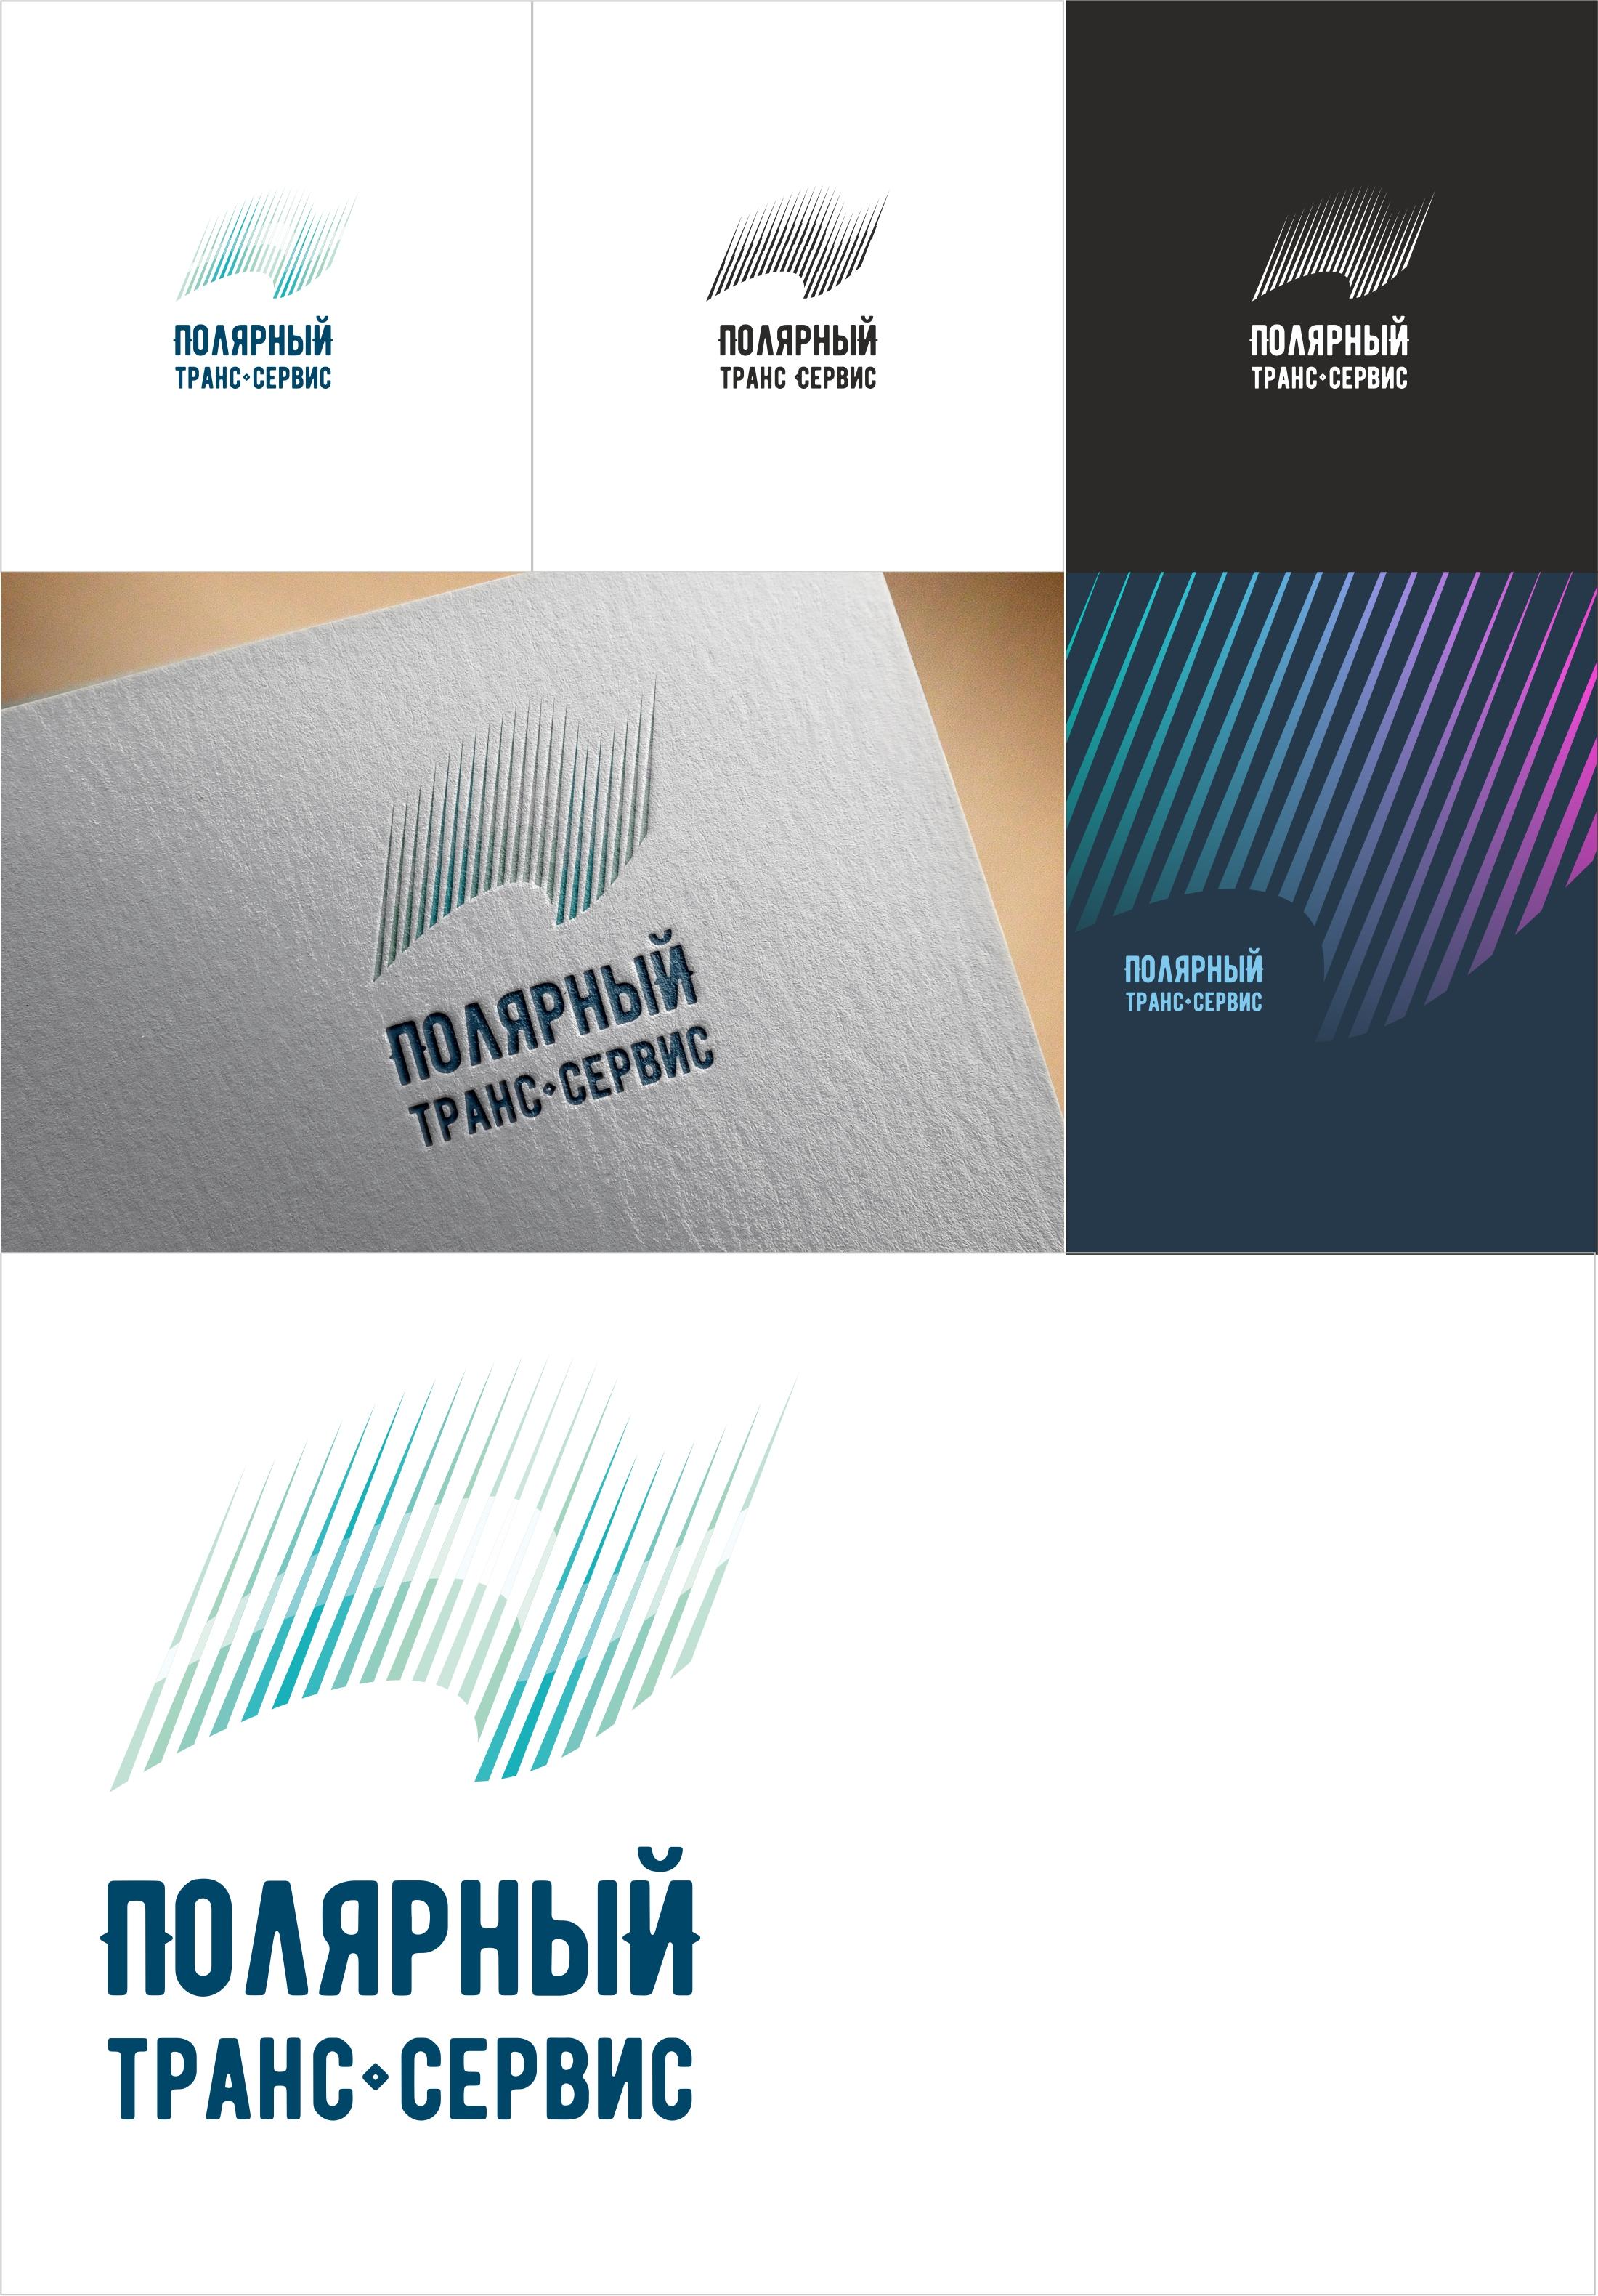 Разработать логотип и дизайн визитки  фото f_3365b68575253a45.jpg